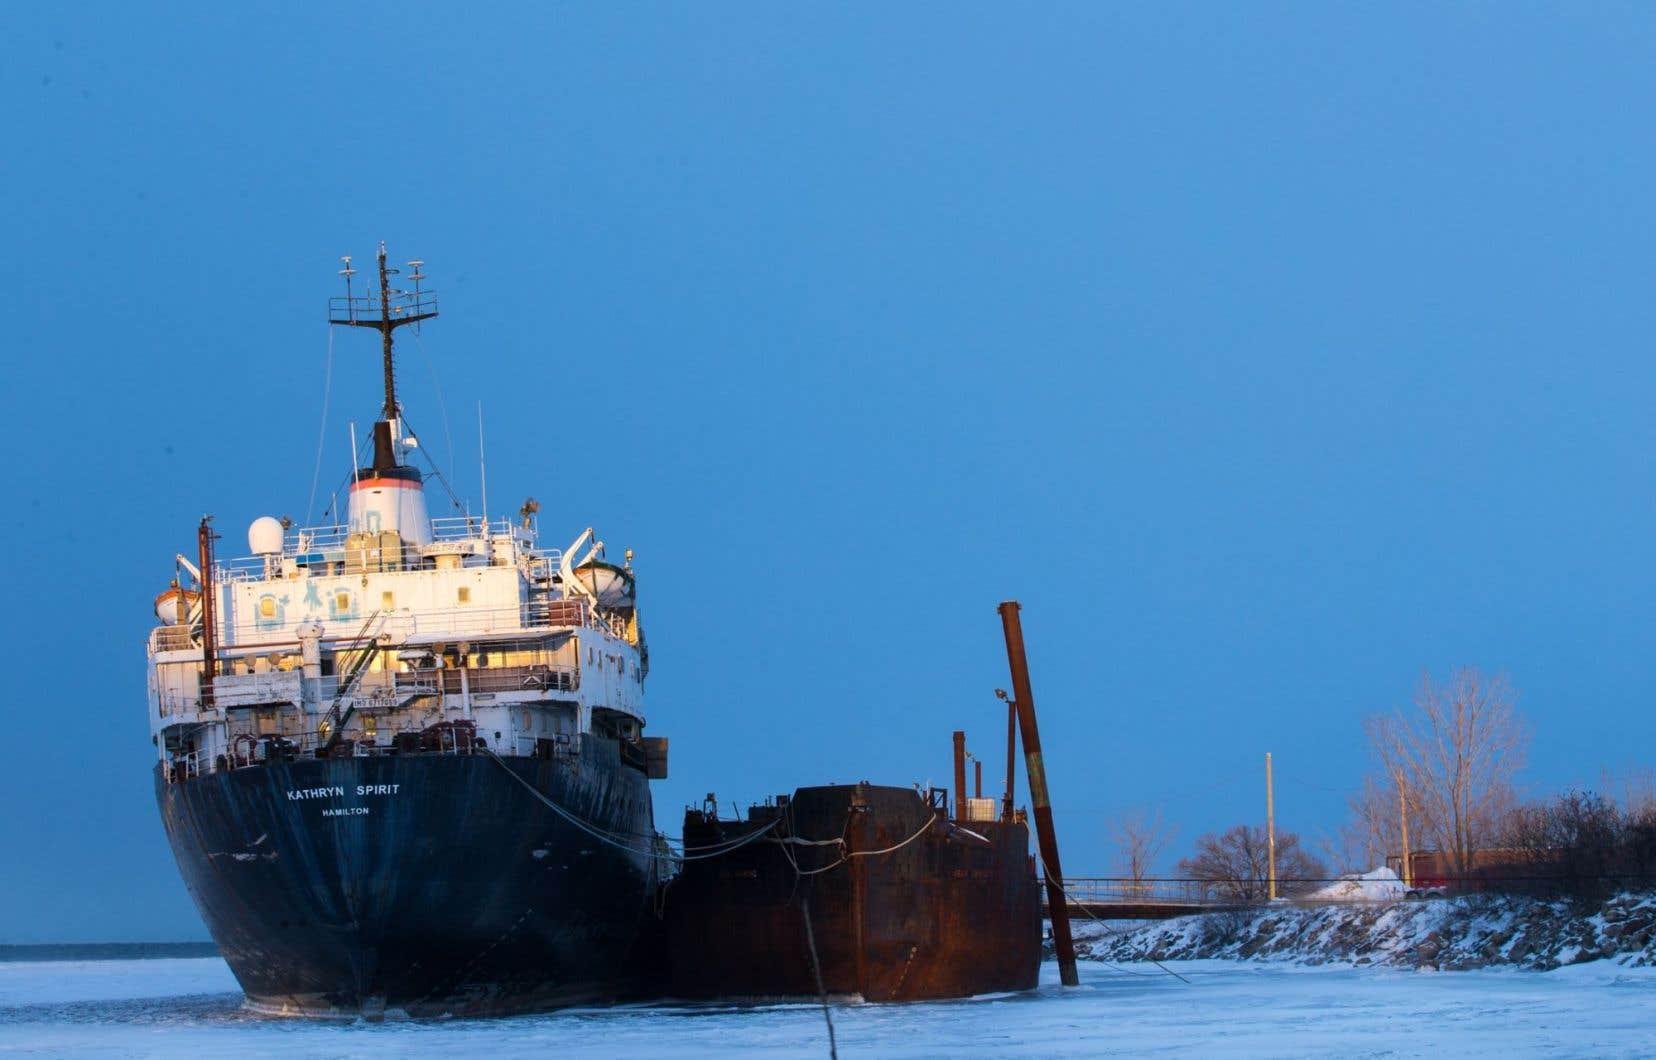 Construit en 1967, le Kathryn Spirit, d'une longueur de 150 mètres, était utilisé pour le transport de marchandises.